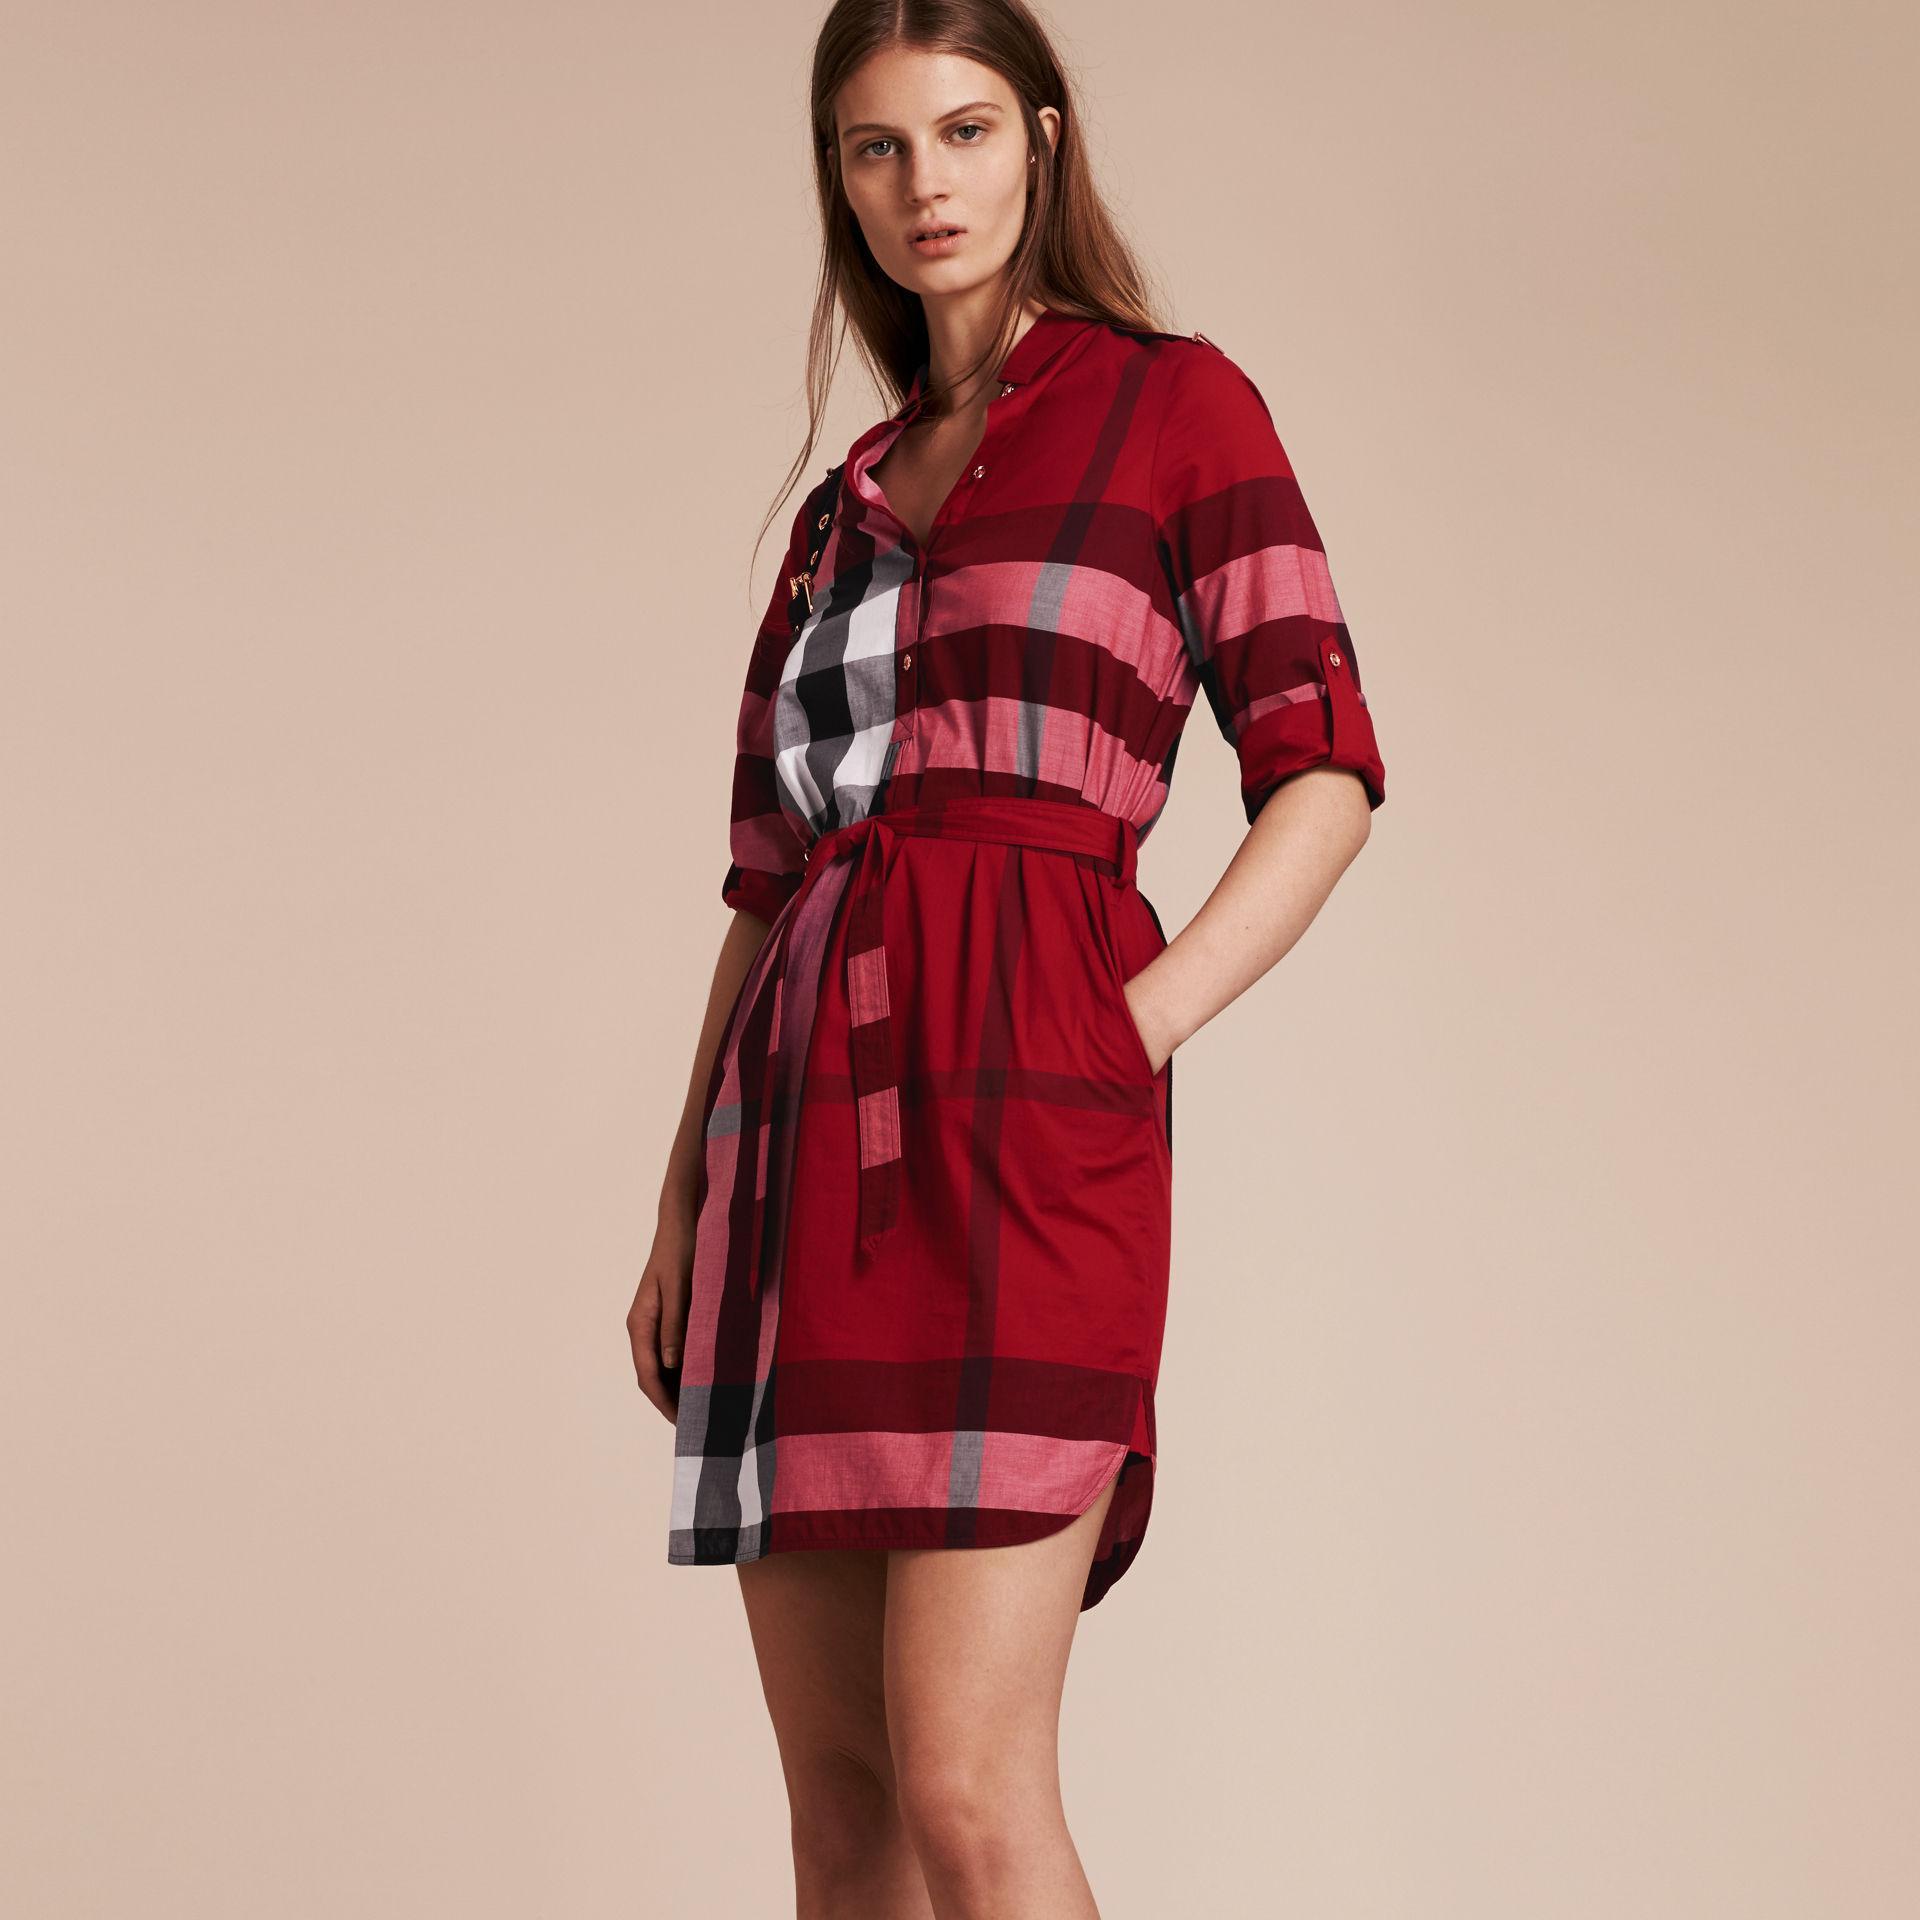 Red Parade Dress